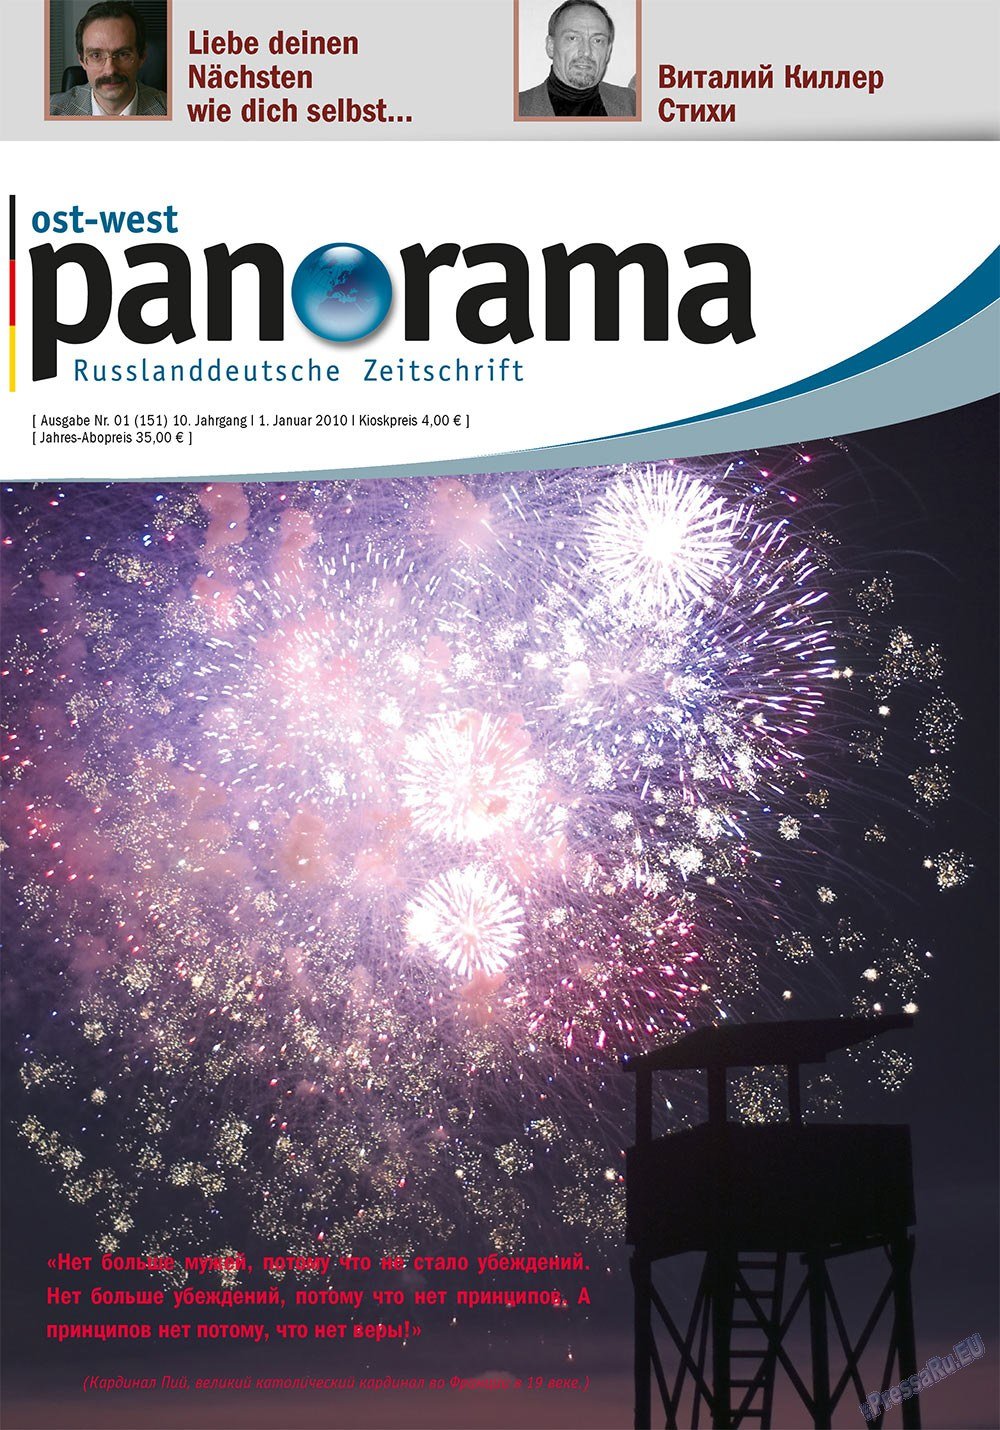 Ost-West Panorama (журнал). 2010 год, номер 1, стр. 1